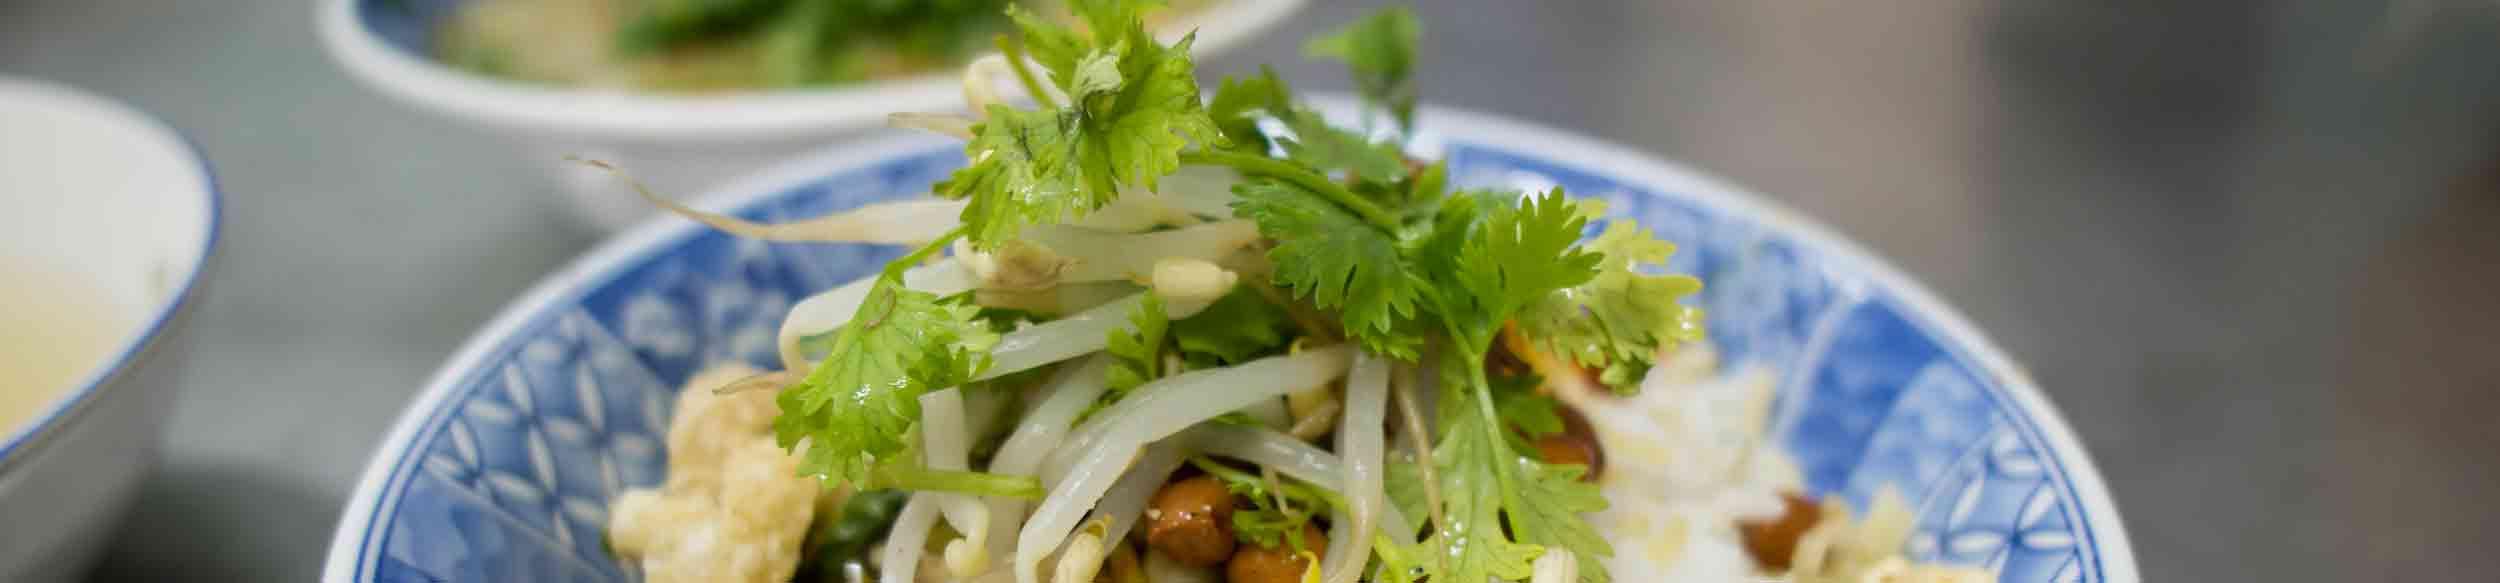 Goûter à la cuisine de Hué avec Carnets d'Asie